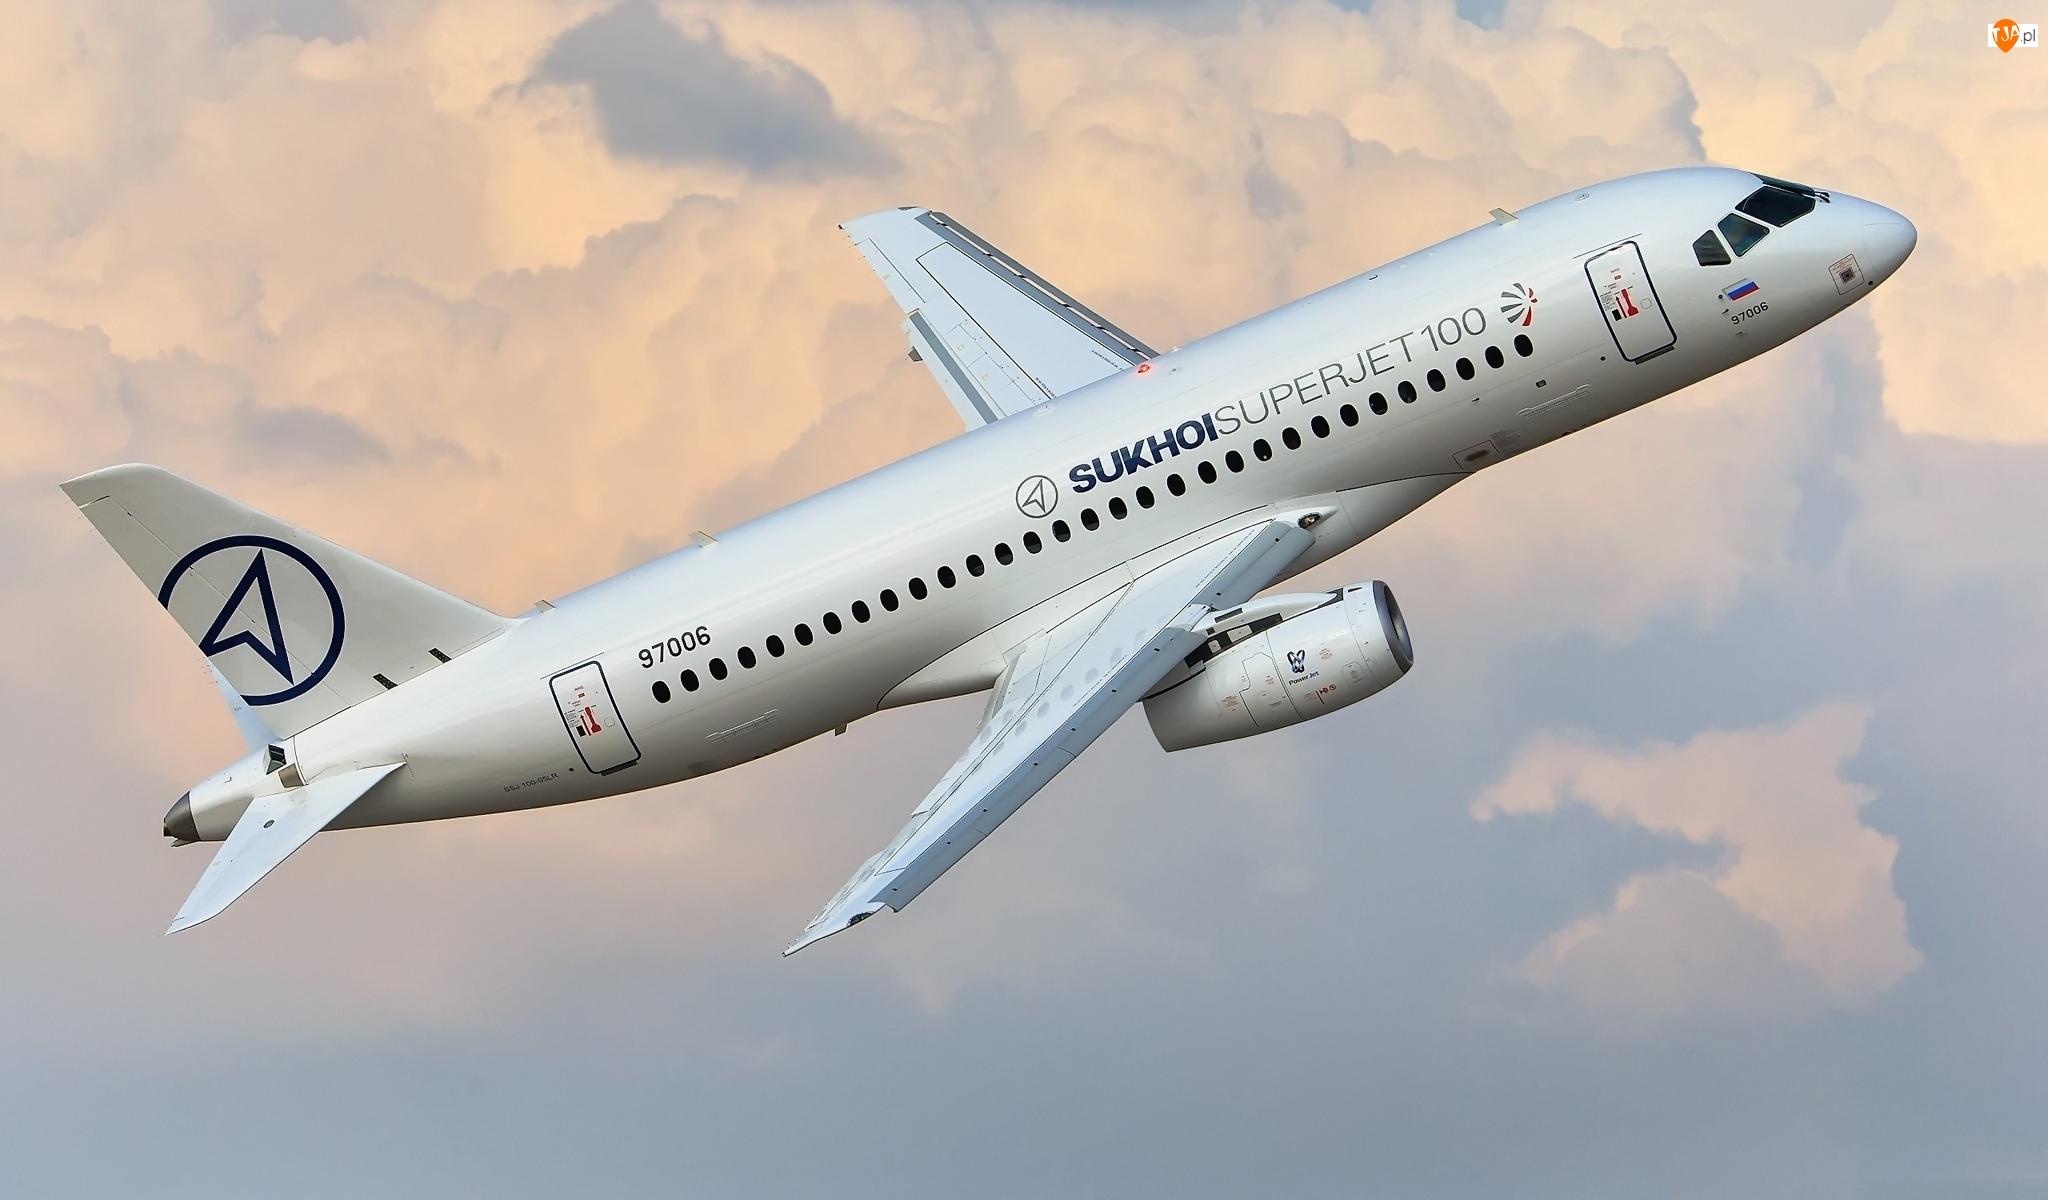 Suchoj Superjet 100, Samolot pasażerski